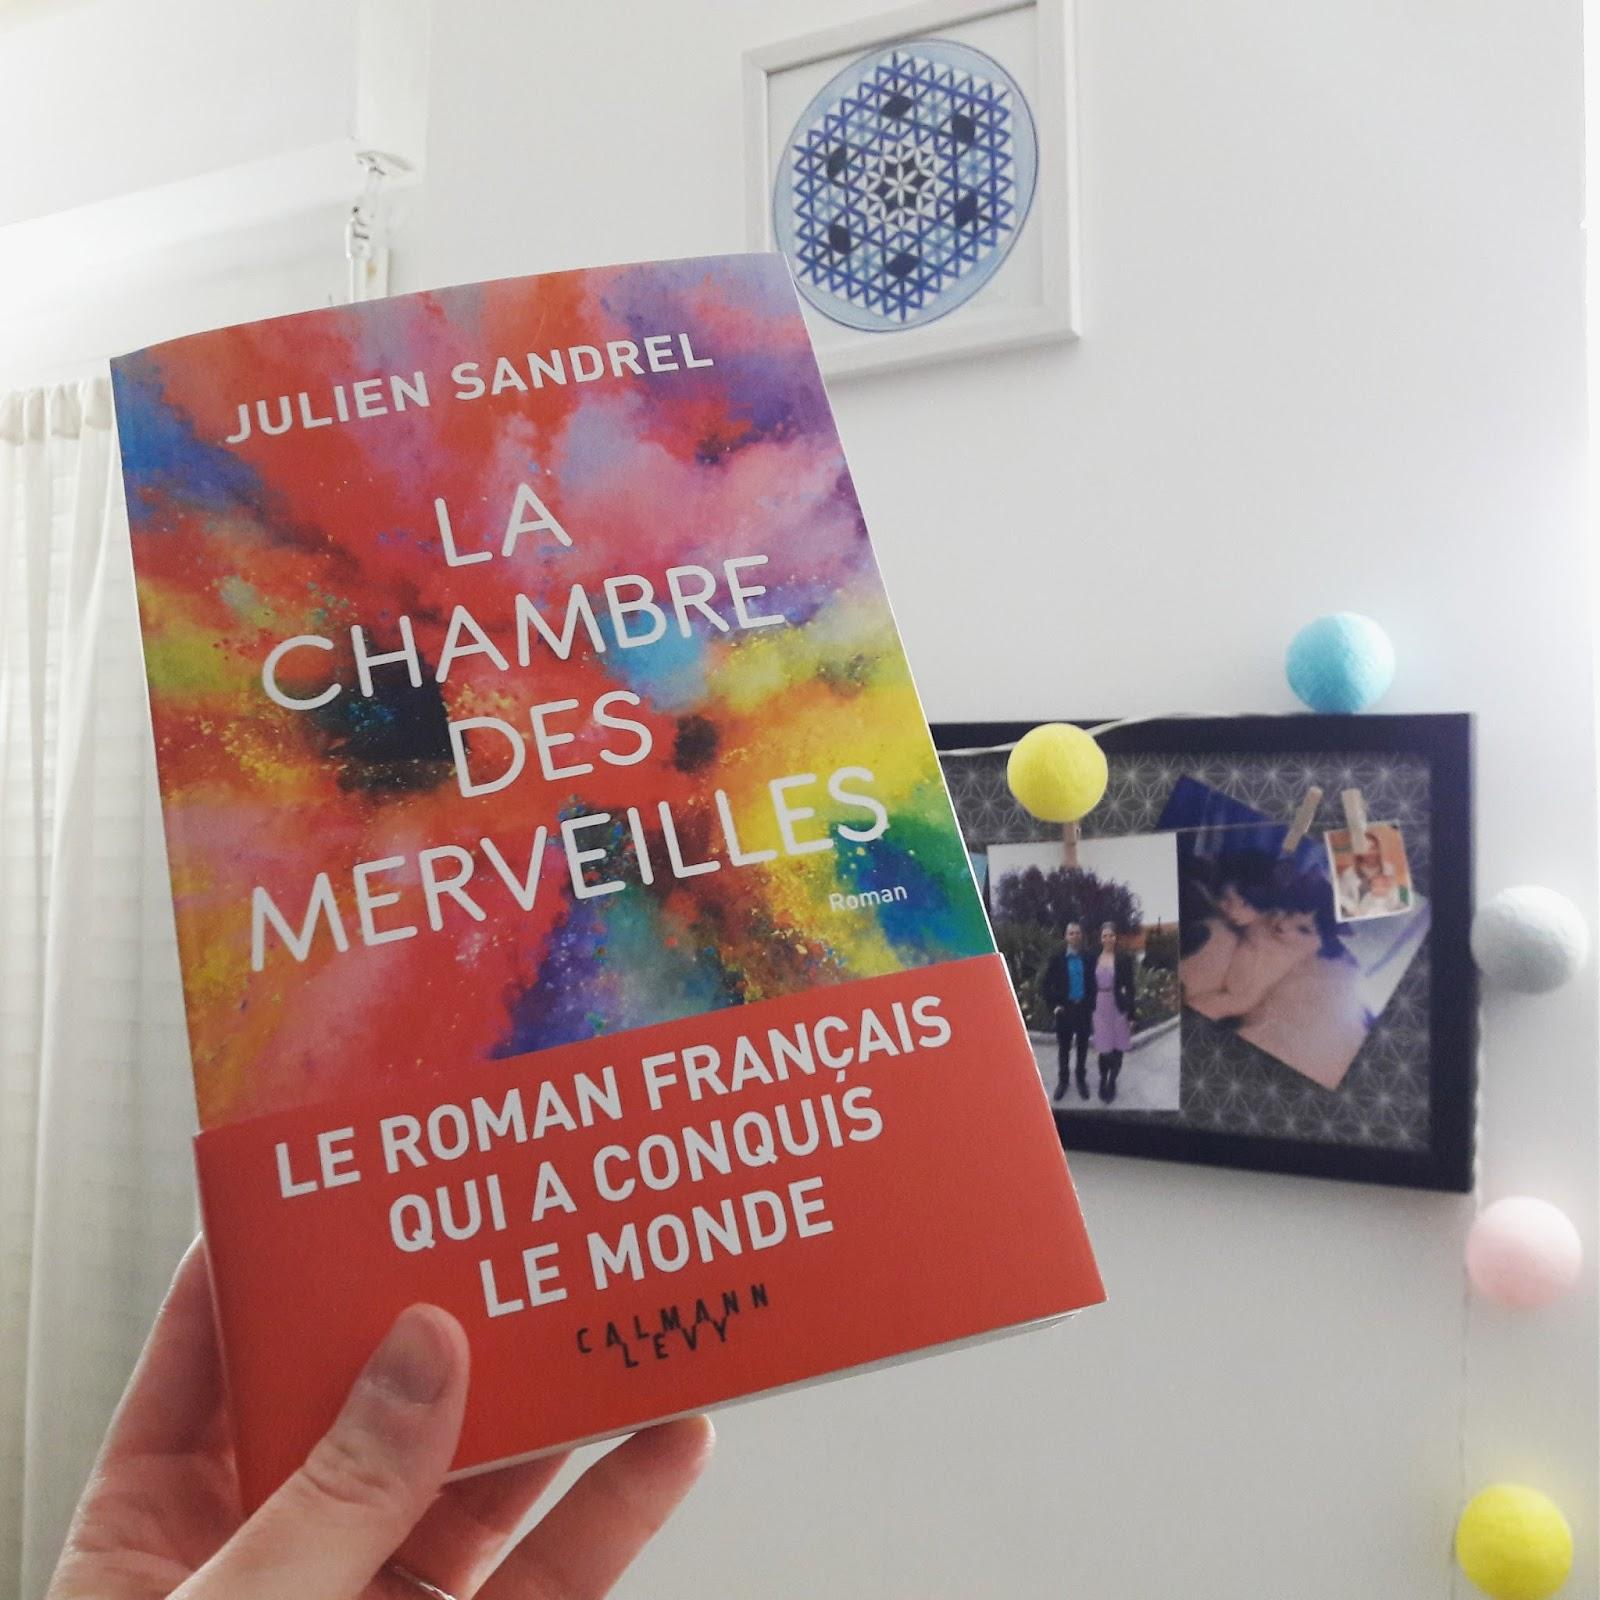 Coup de cœur : La chambre des merveilles de Julien Sandrel